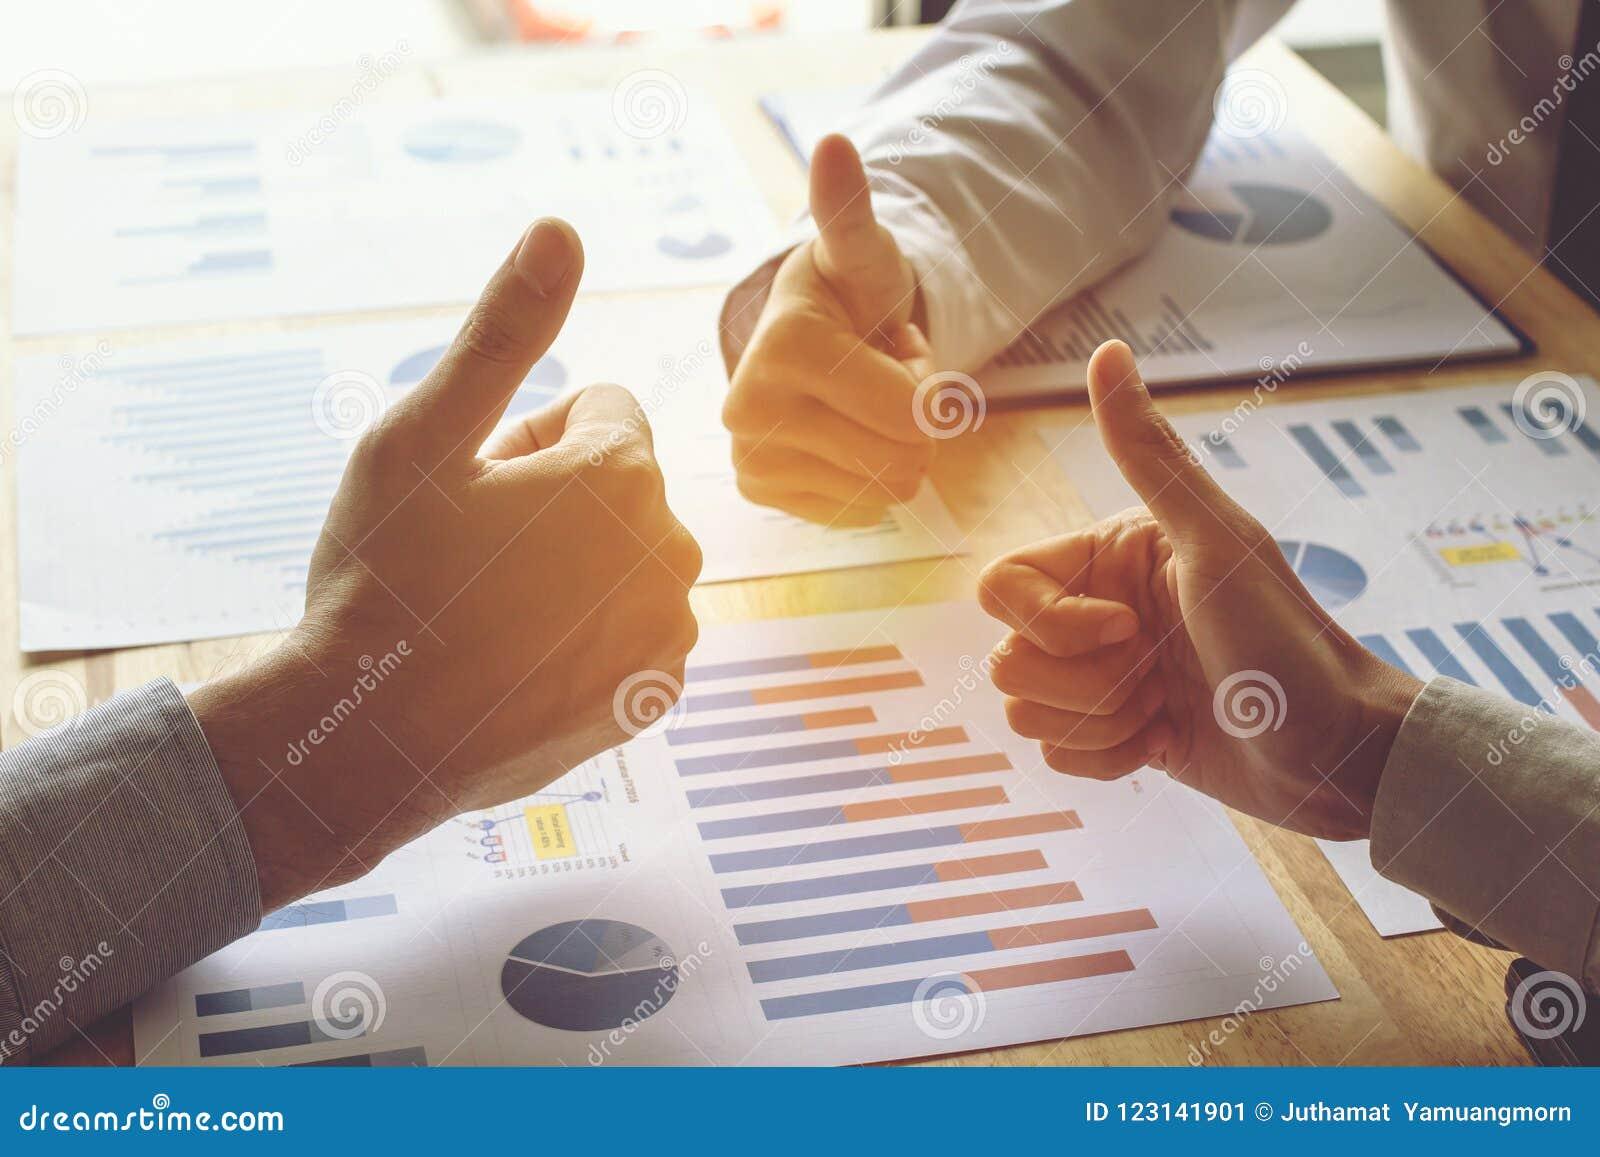 商人的手提高手拇指工作队概念